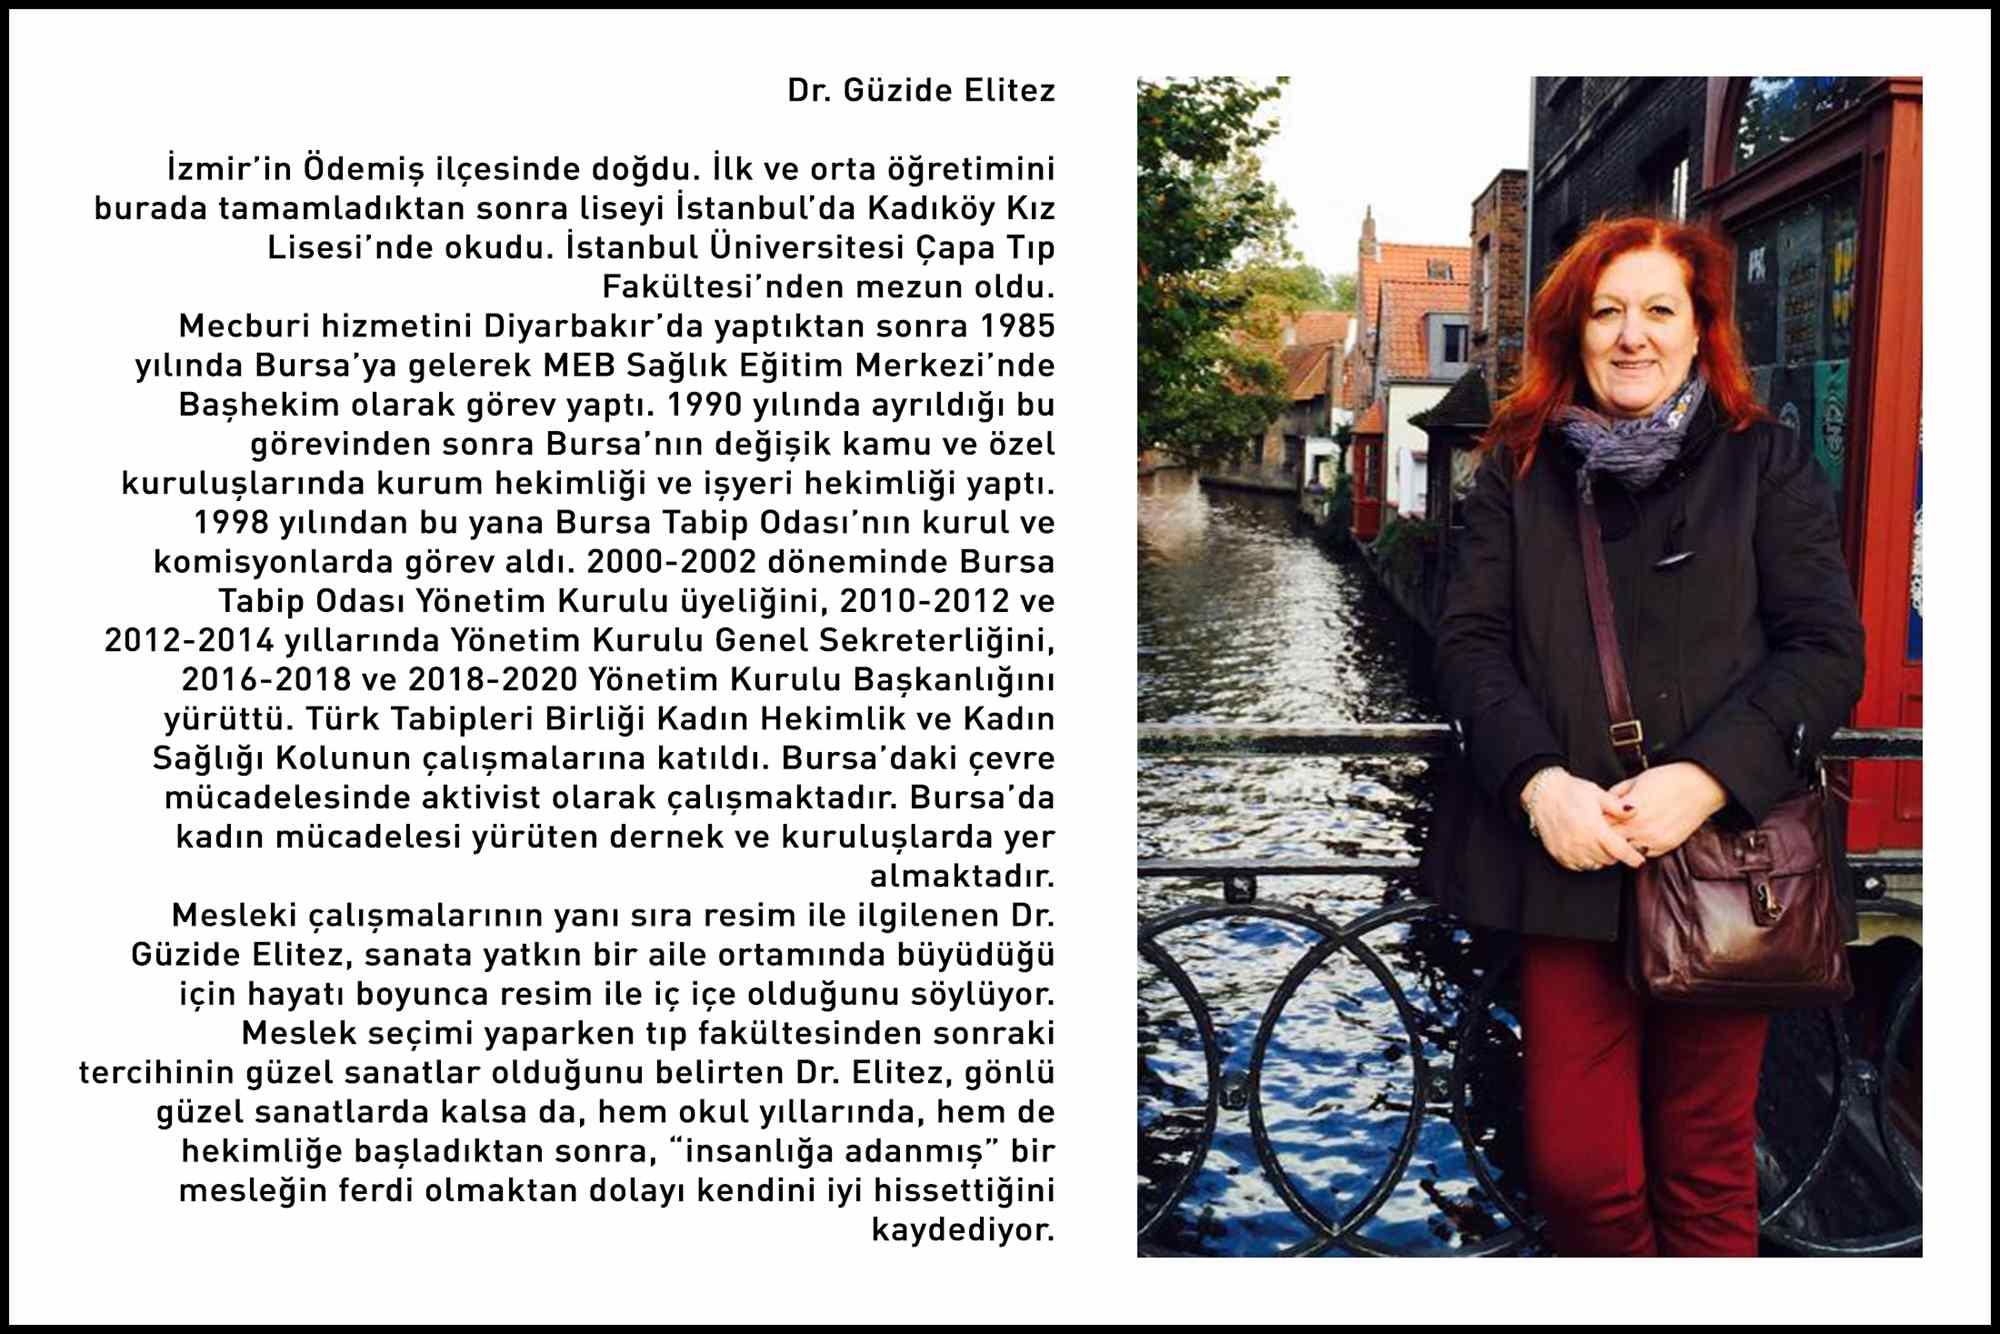 34_guzide-elitez_ozgecmis